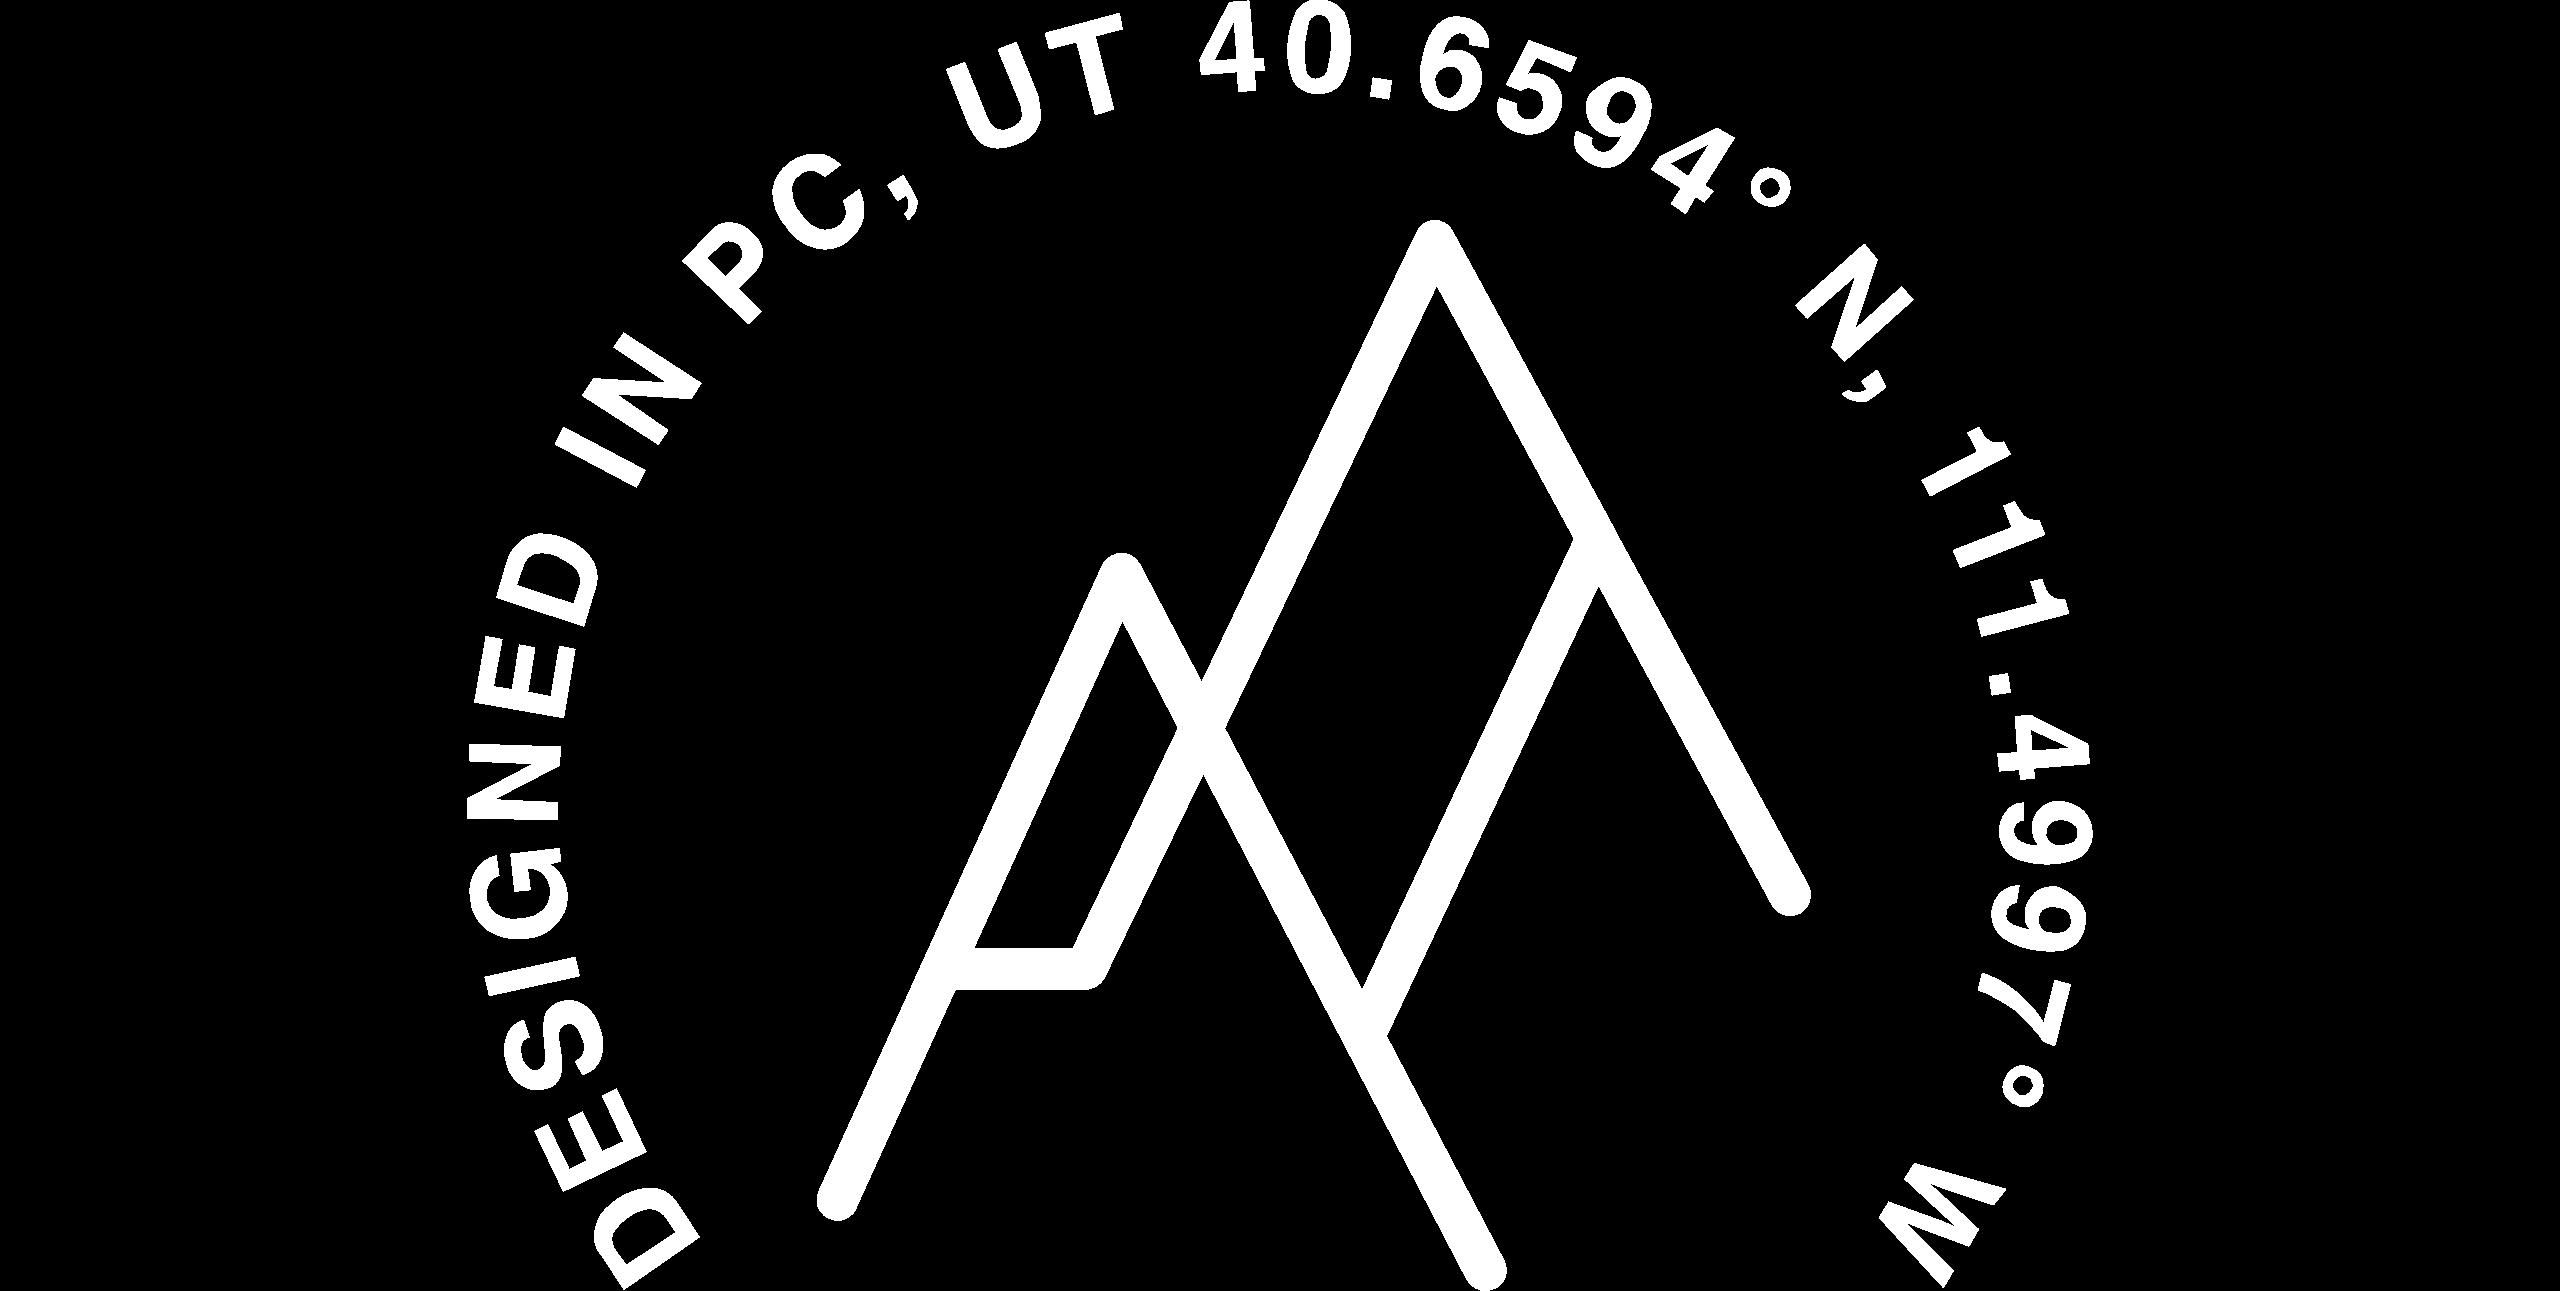 Nous passons des centaines d'heures à concevoir, tester et perfectionner chaque produit Skullcandy chez nous dans l'Utah. Mais nos ingénieurs ne sont pas des techniciens en blouse blanche. Ils aiment vraiment la musique. Ils vivent pour l'aventure. Et ils savent ce que c'est que de toujours être en déplacement. Certainement comme vous.